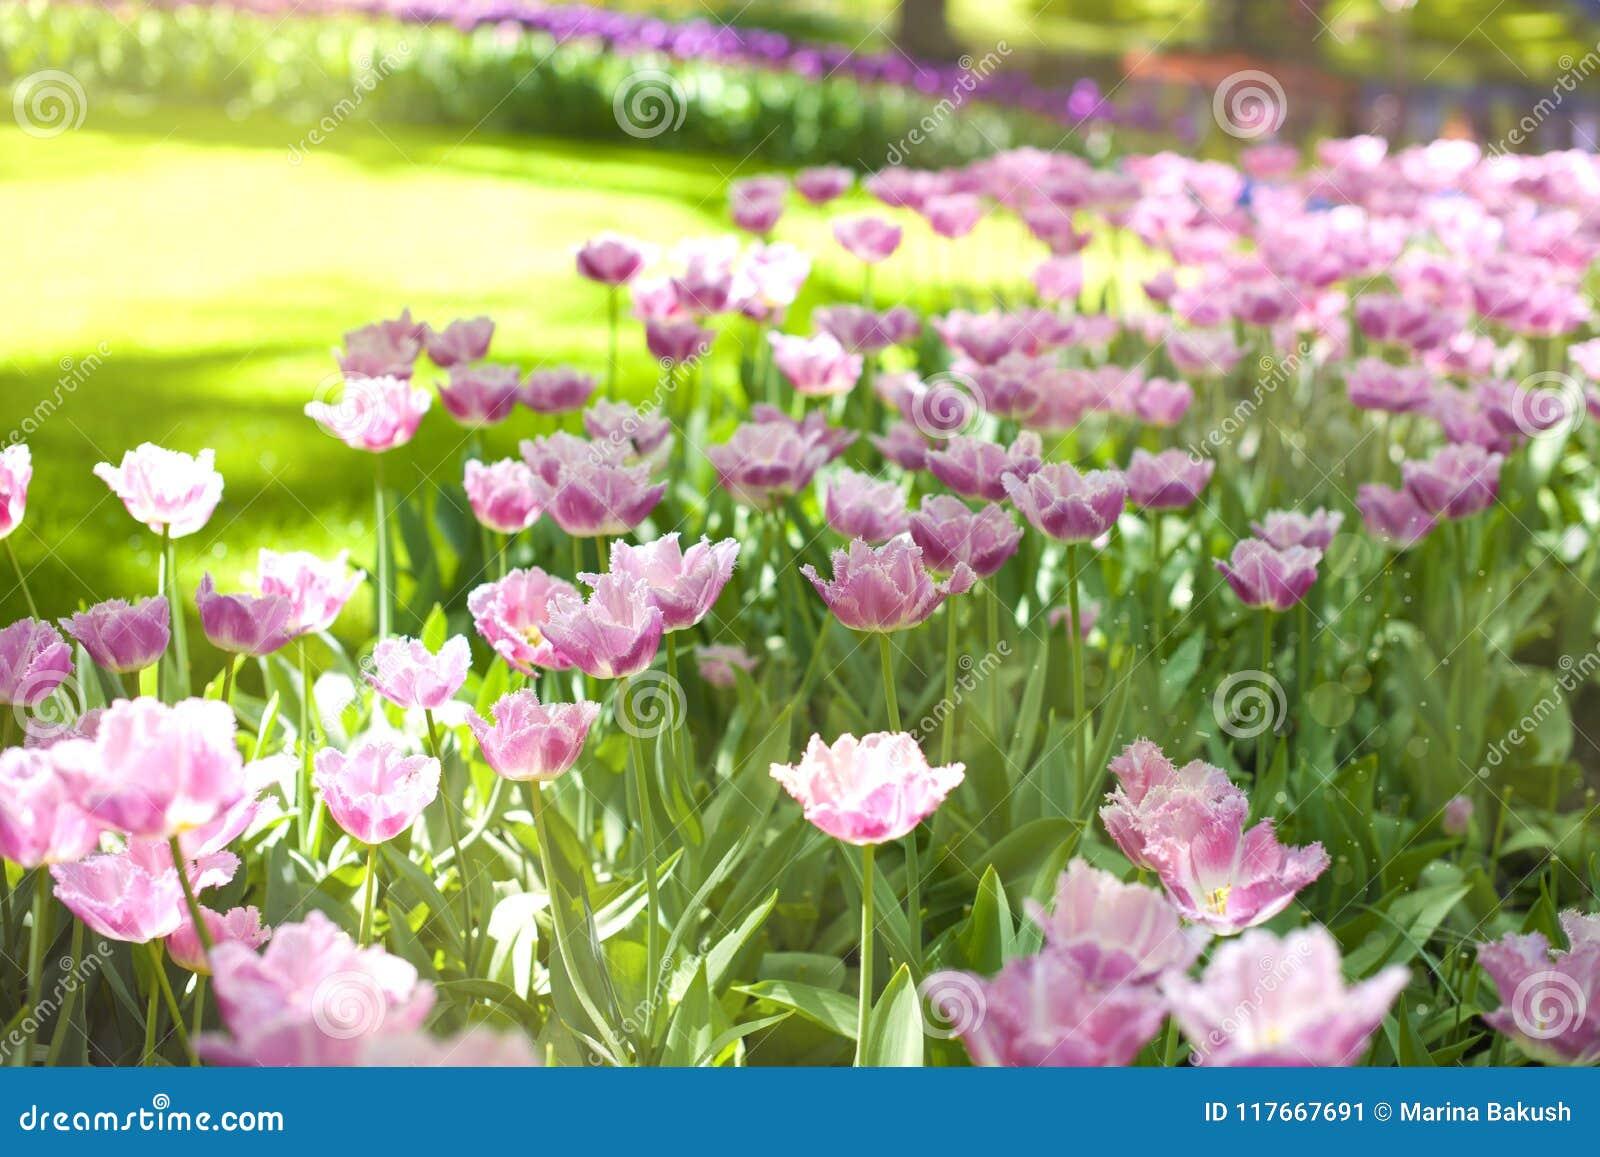 Purpere tulpen en groen gras Park met bloemen Keukenhof in de lente holland Achtergrond,